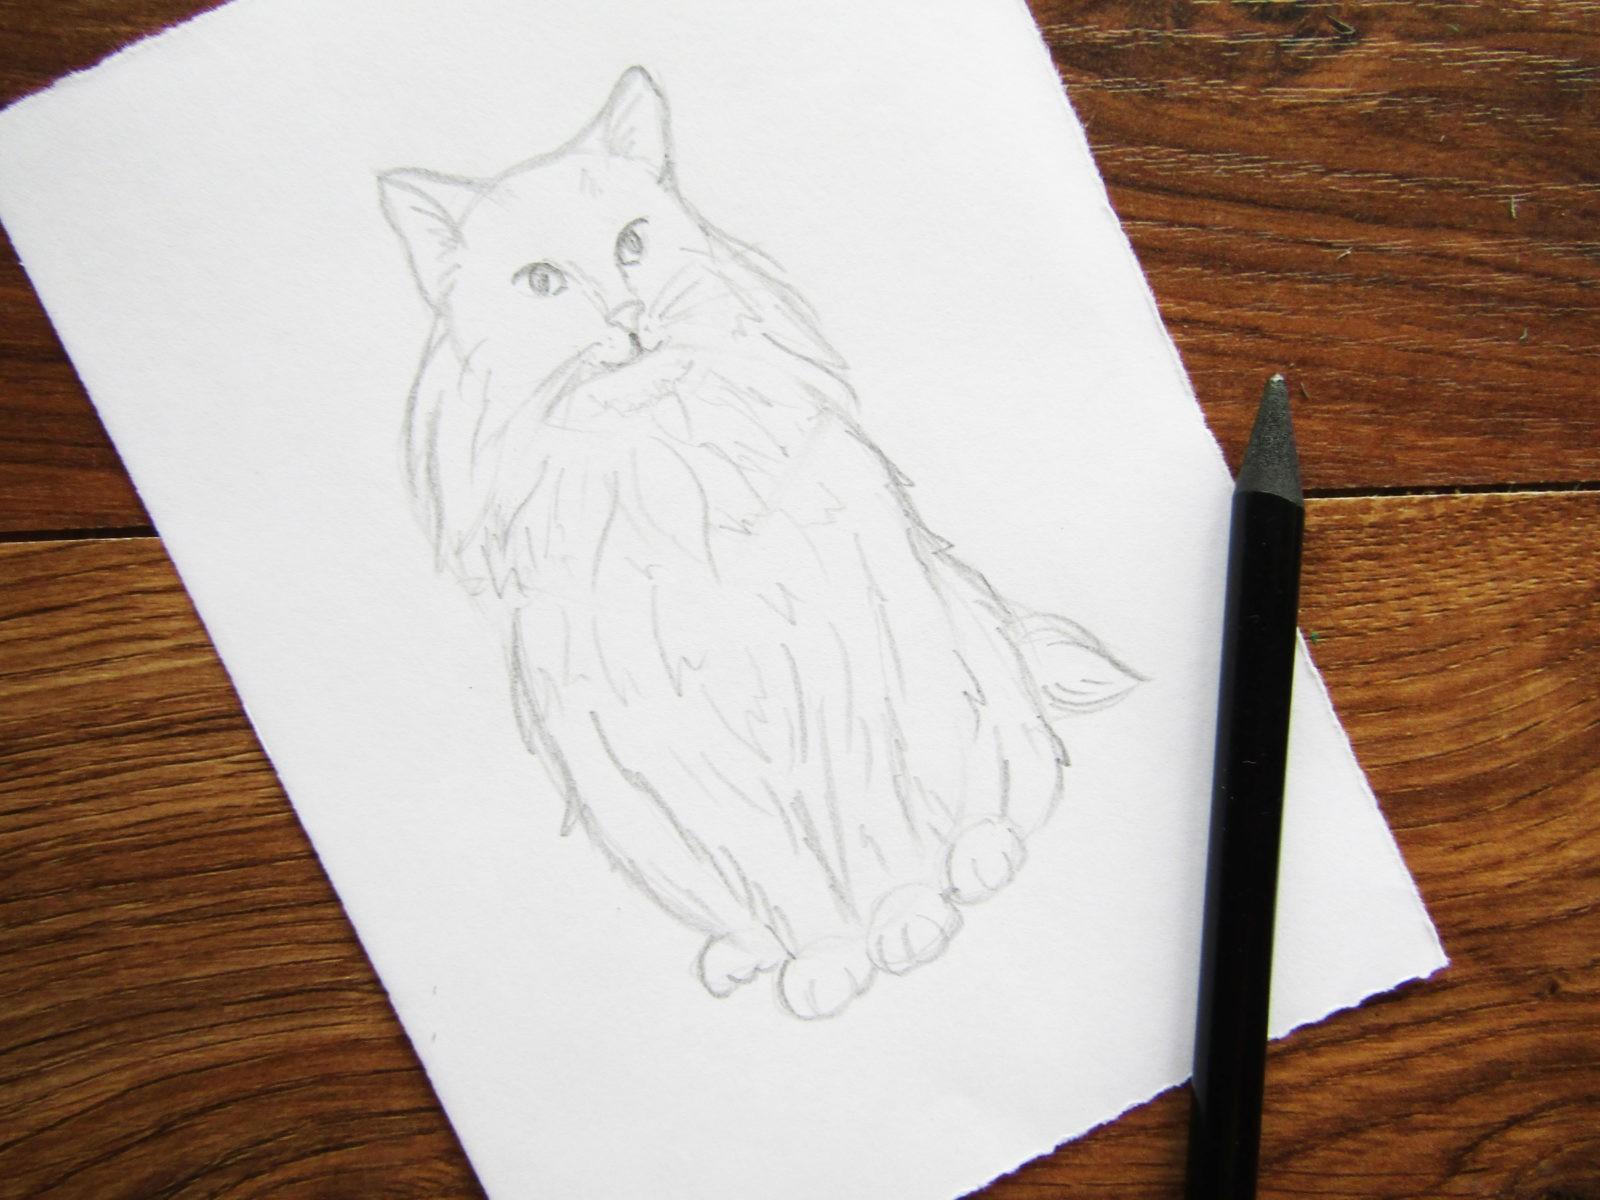 Как нарисовать кошку породы Мейн-кун - 5